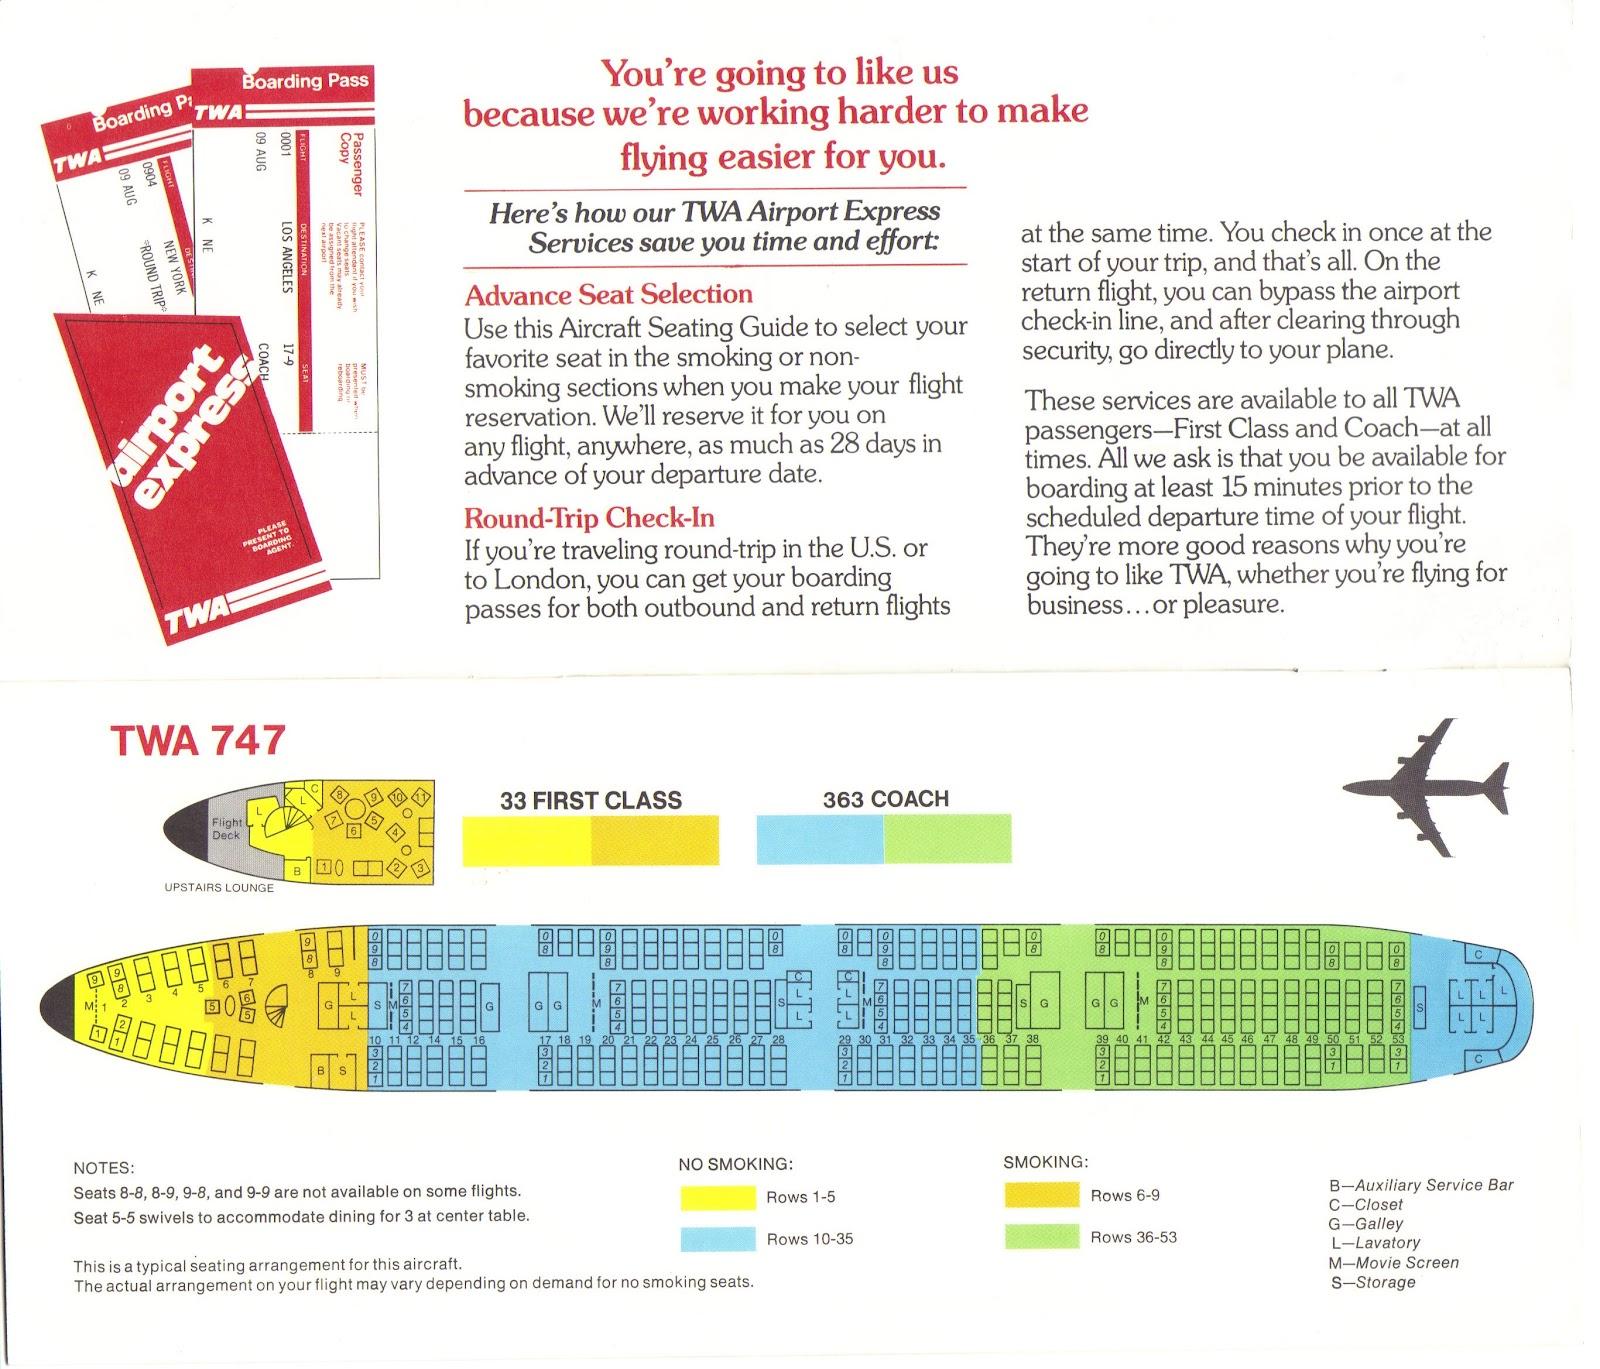 TWA 747 seat map